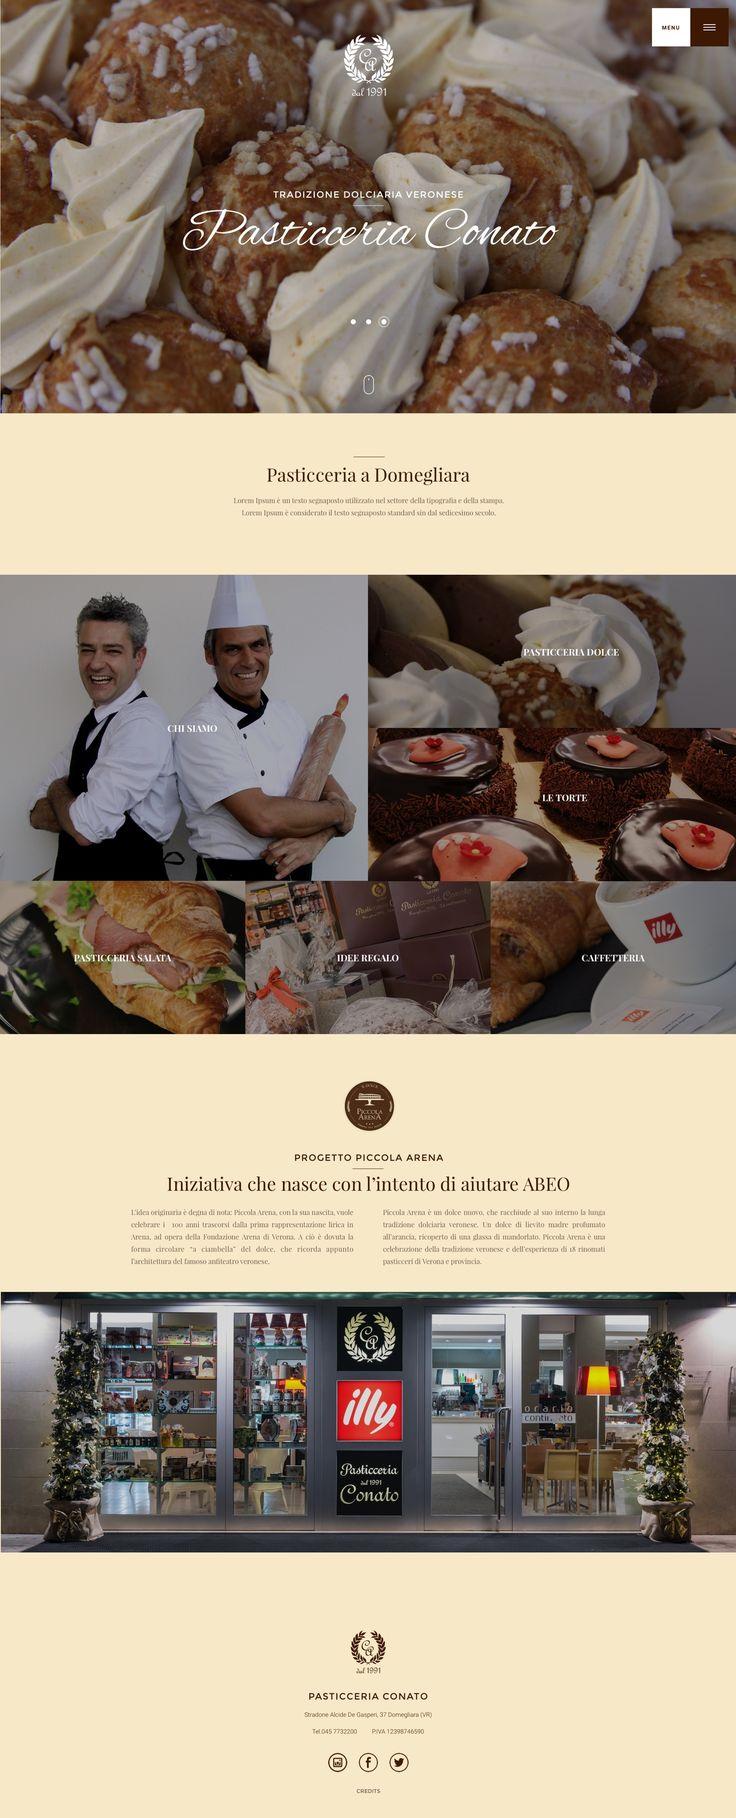 UI Design for the Pastry shop Conato. Italian pastry shop